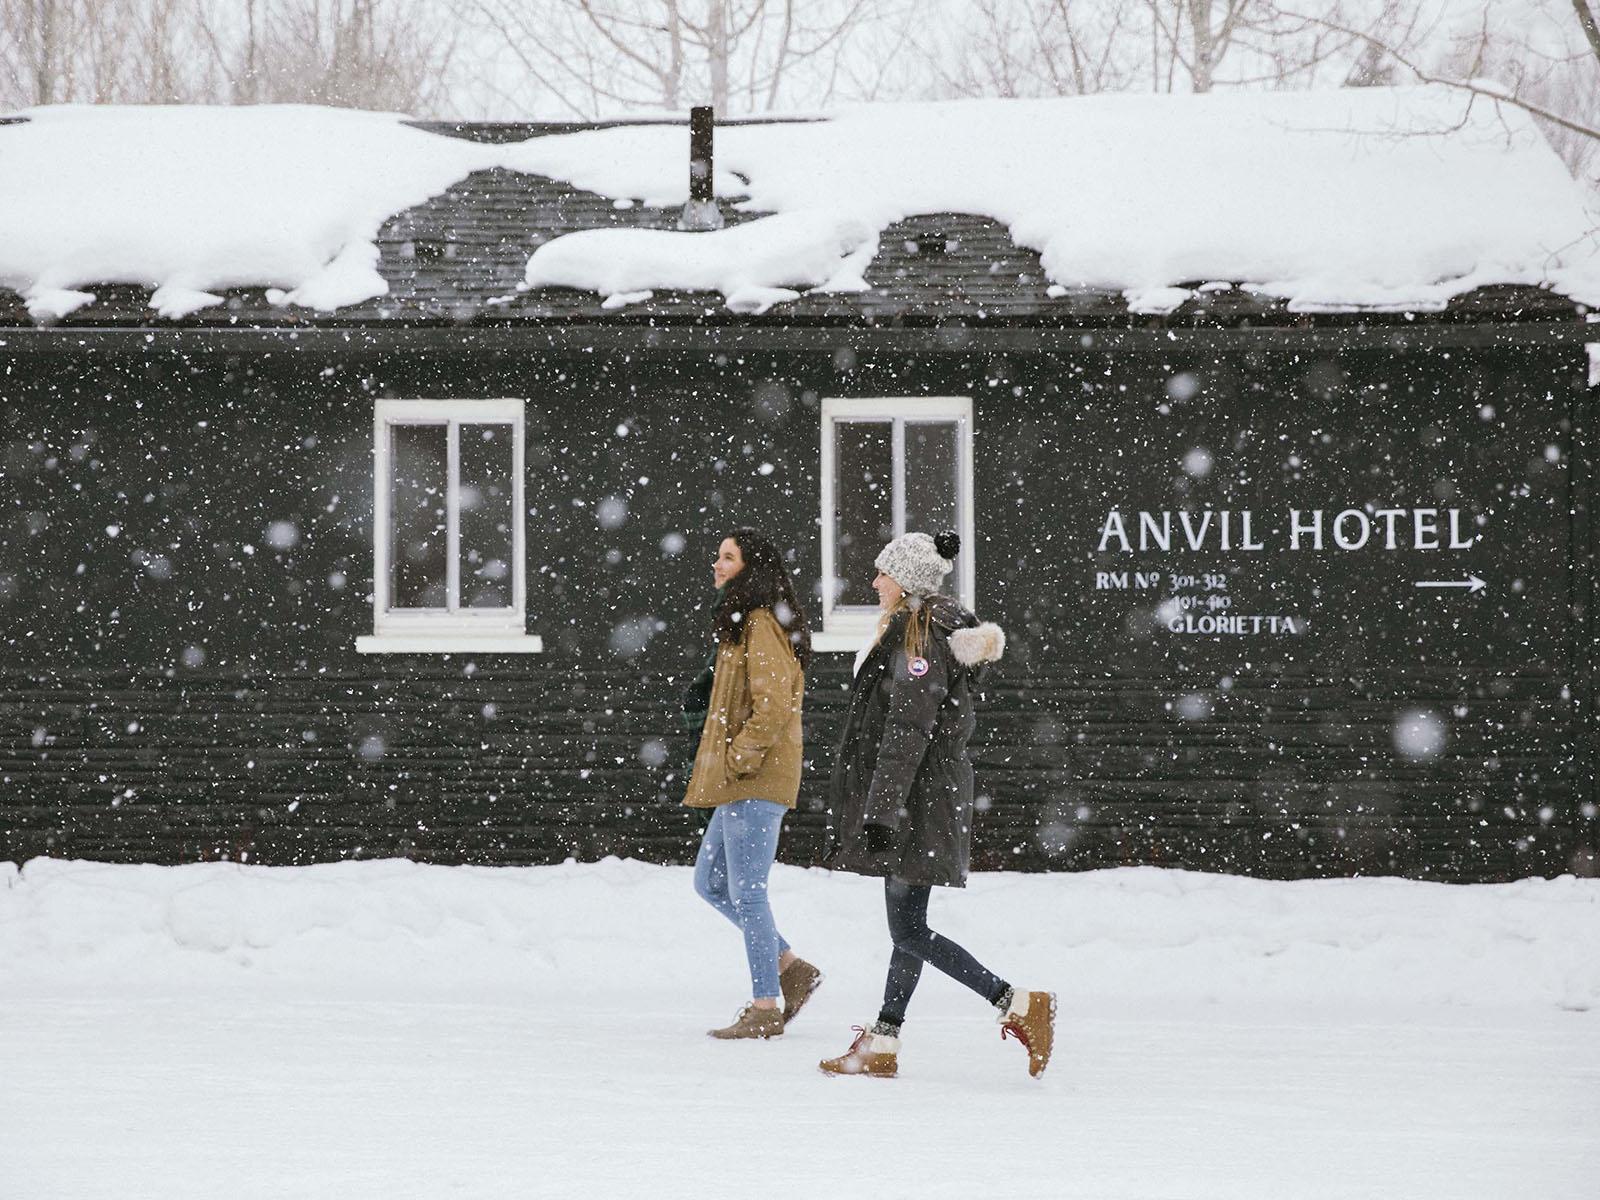 Ladies walking in snow in front of Anvil Hotel